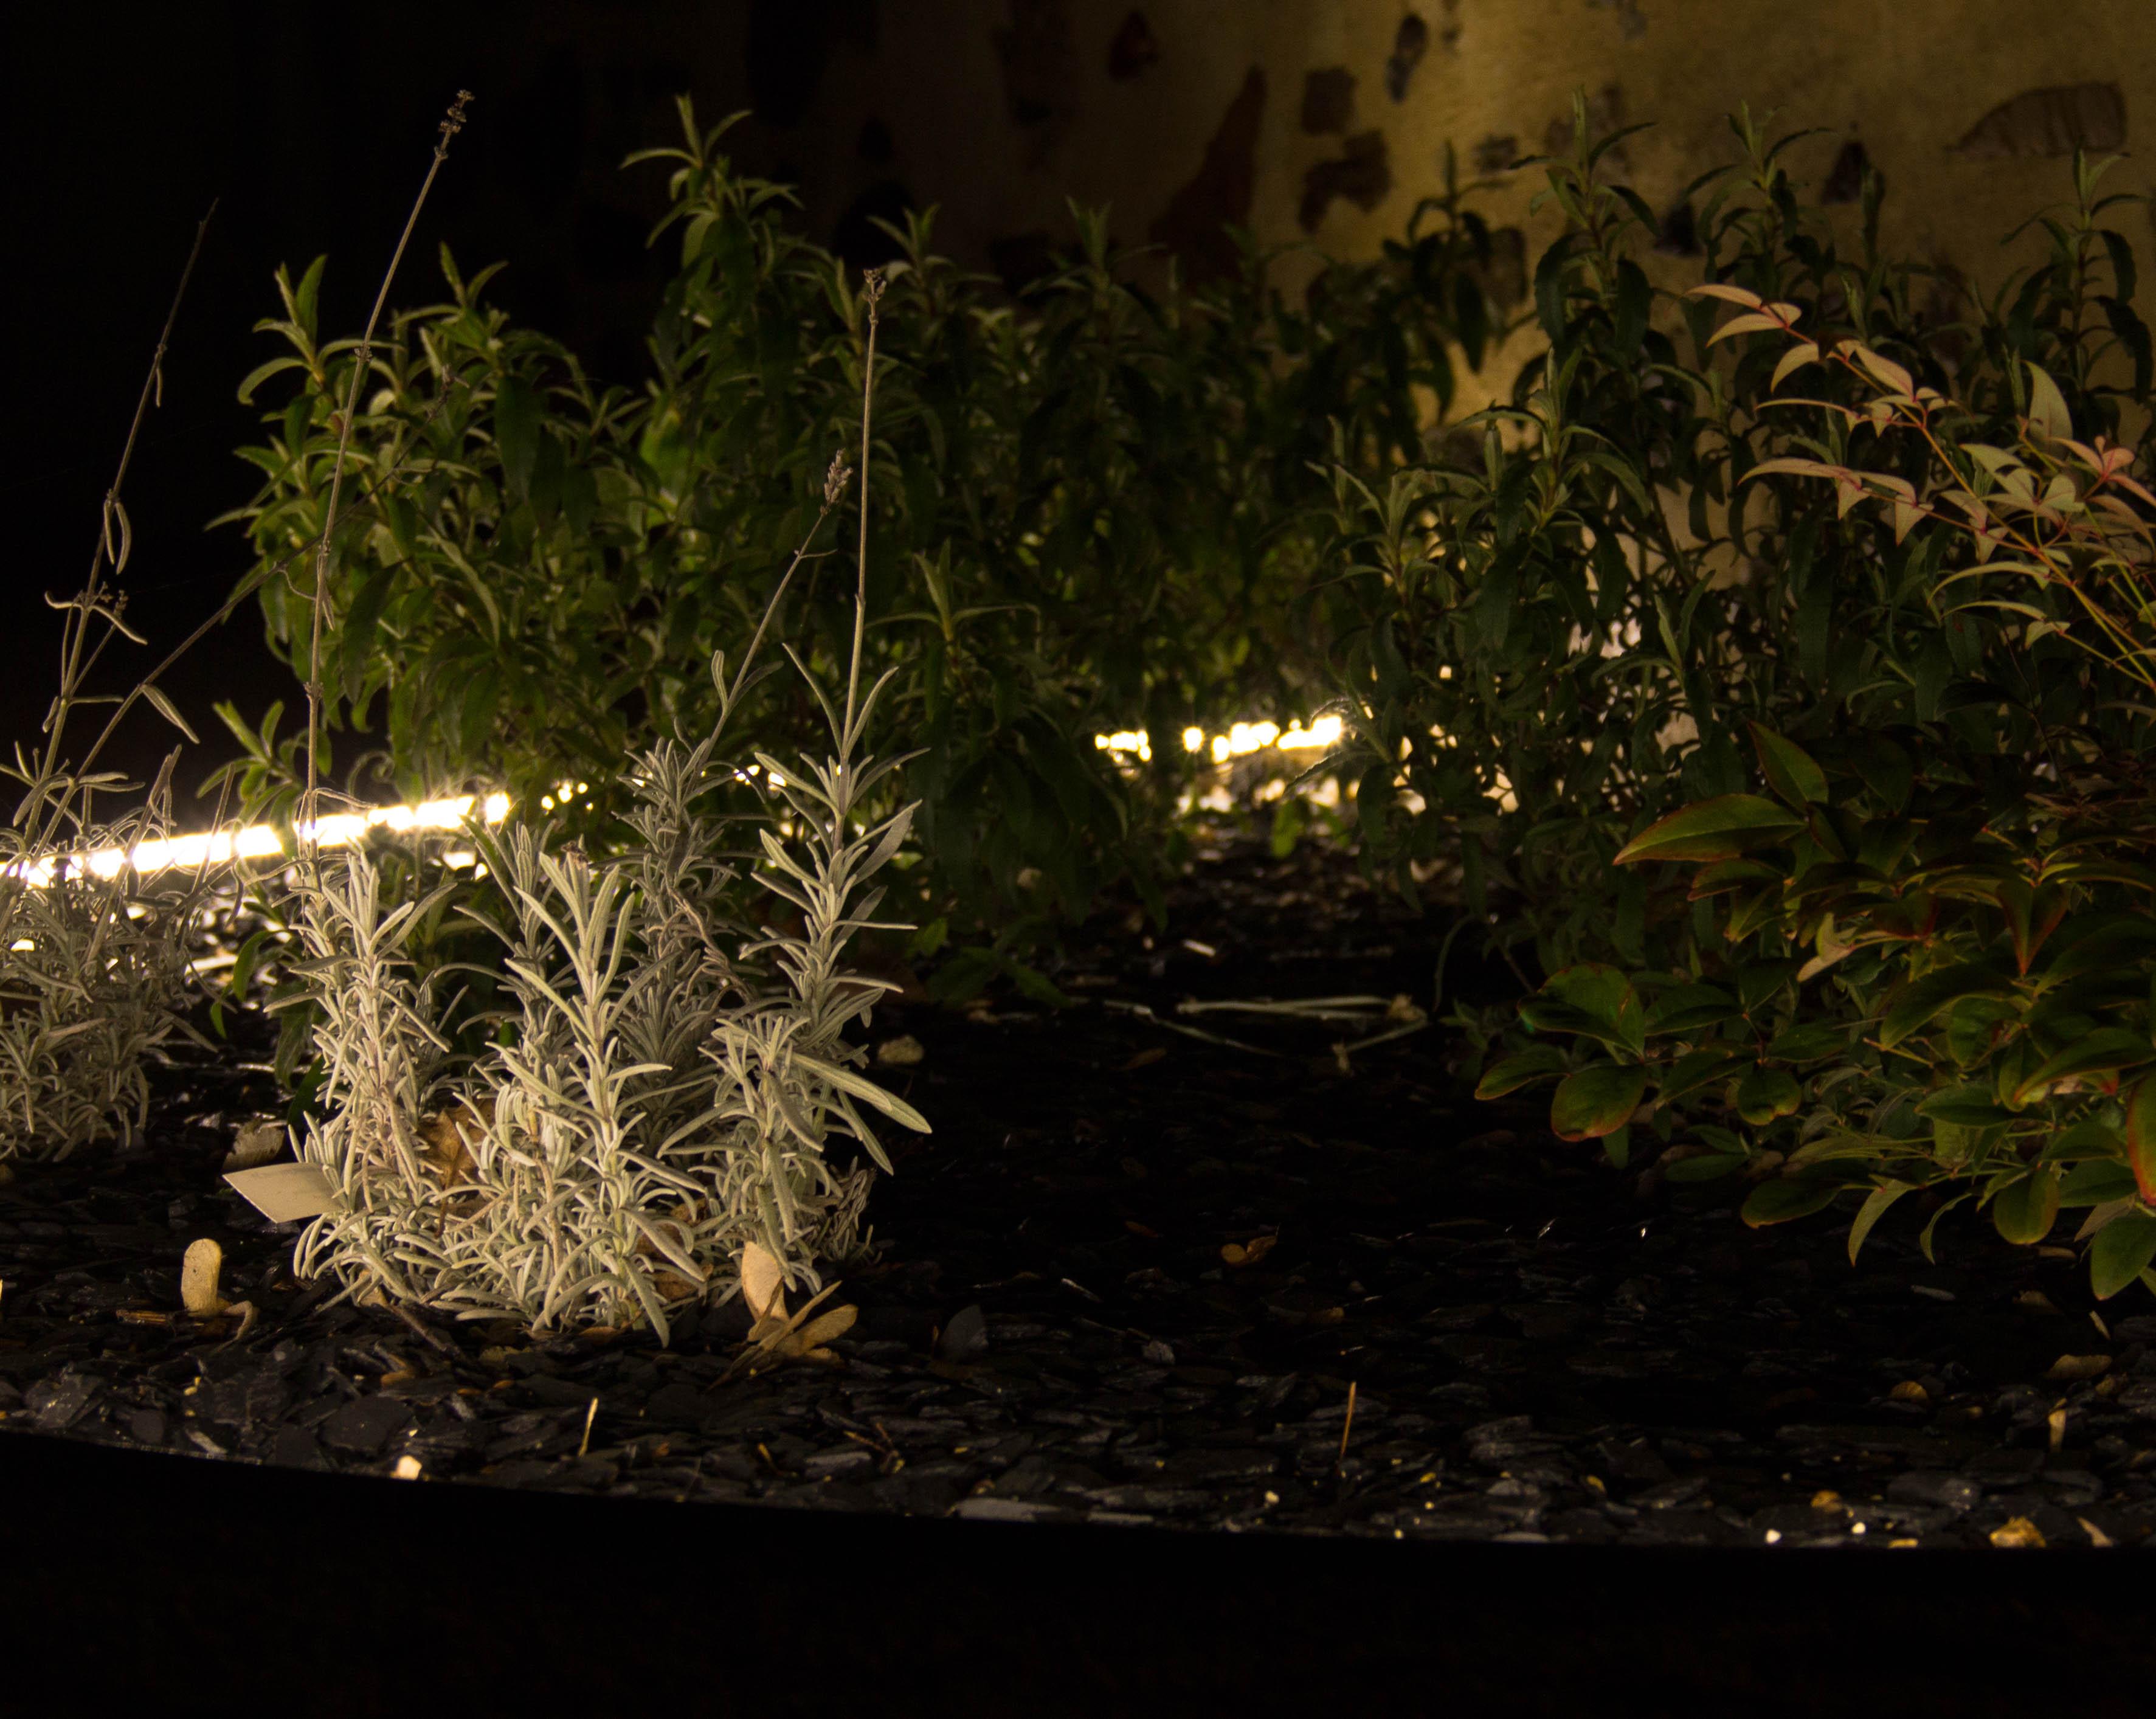 Bordure jardin souple aluminium PVC plastique délimitation parterre plate-bande